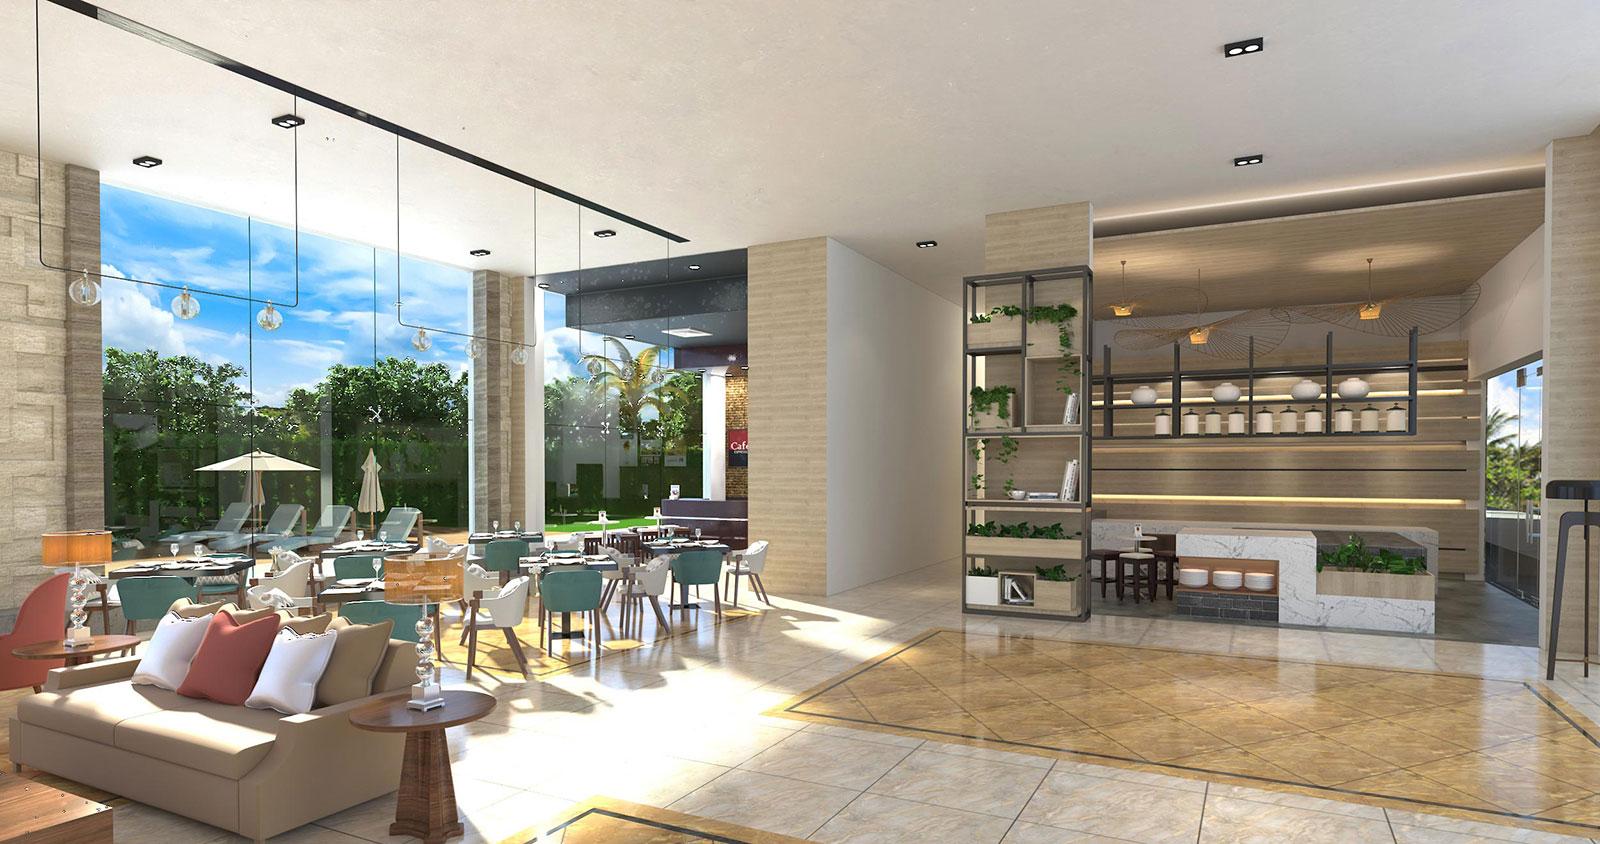 Hotel-coffee-shop-